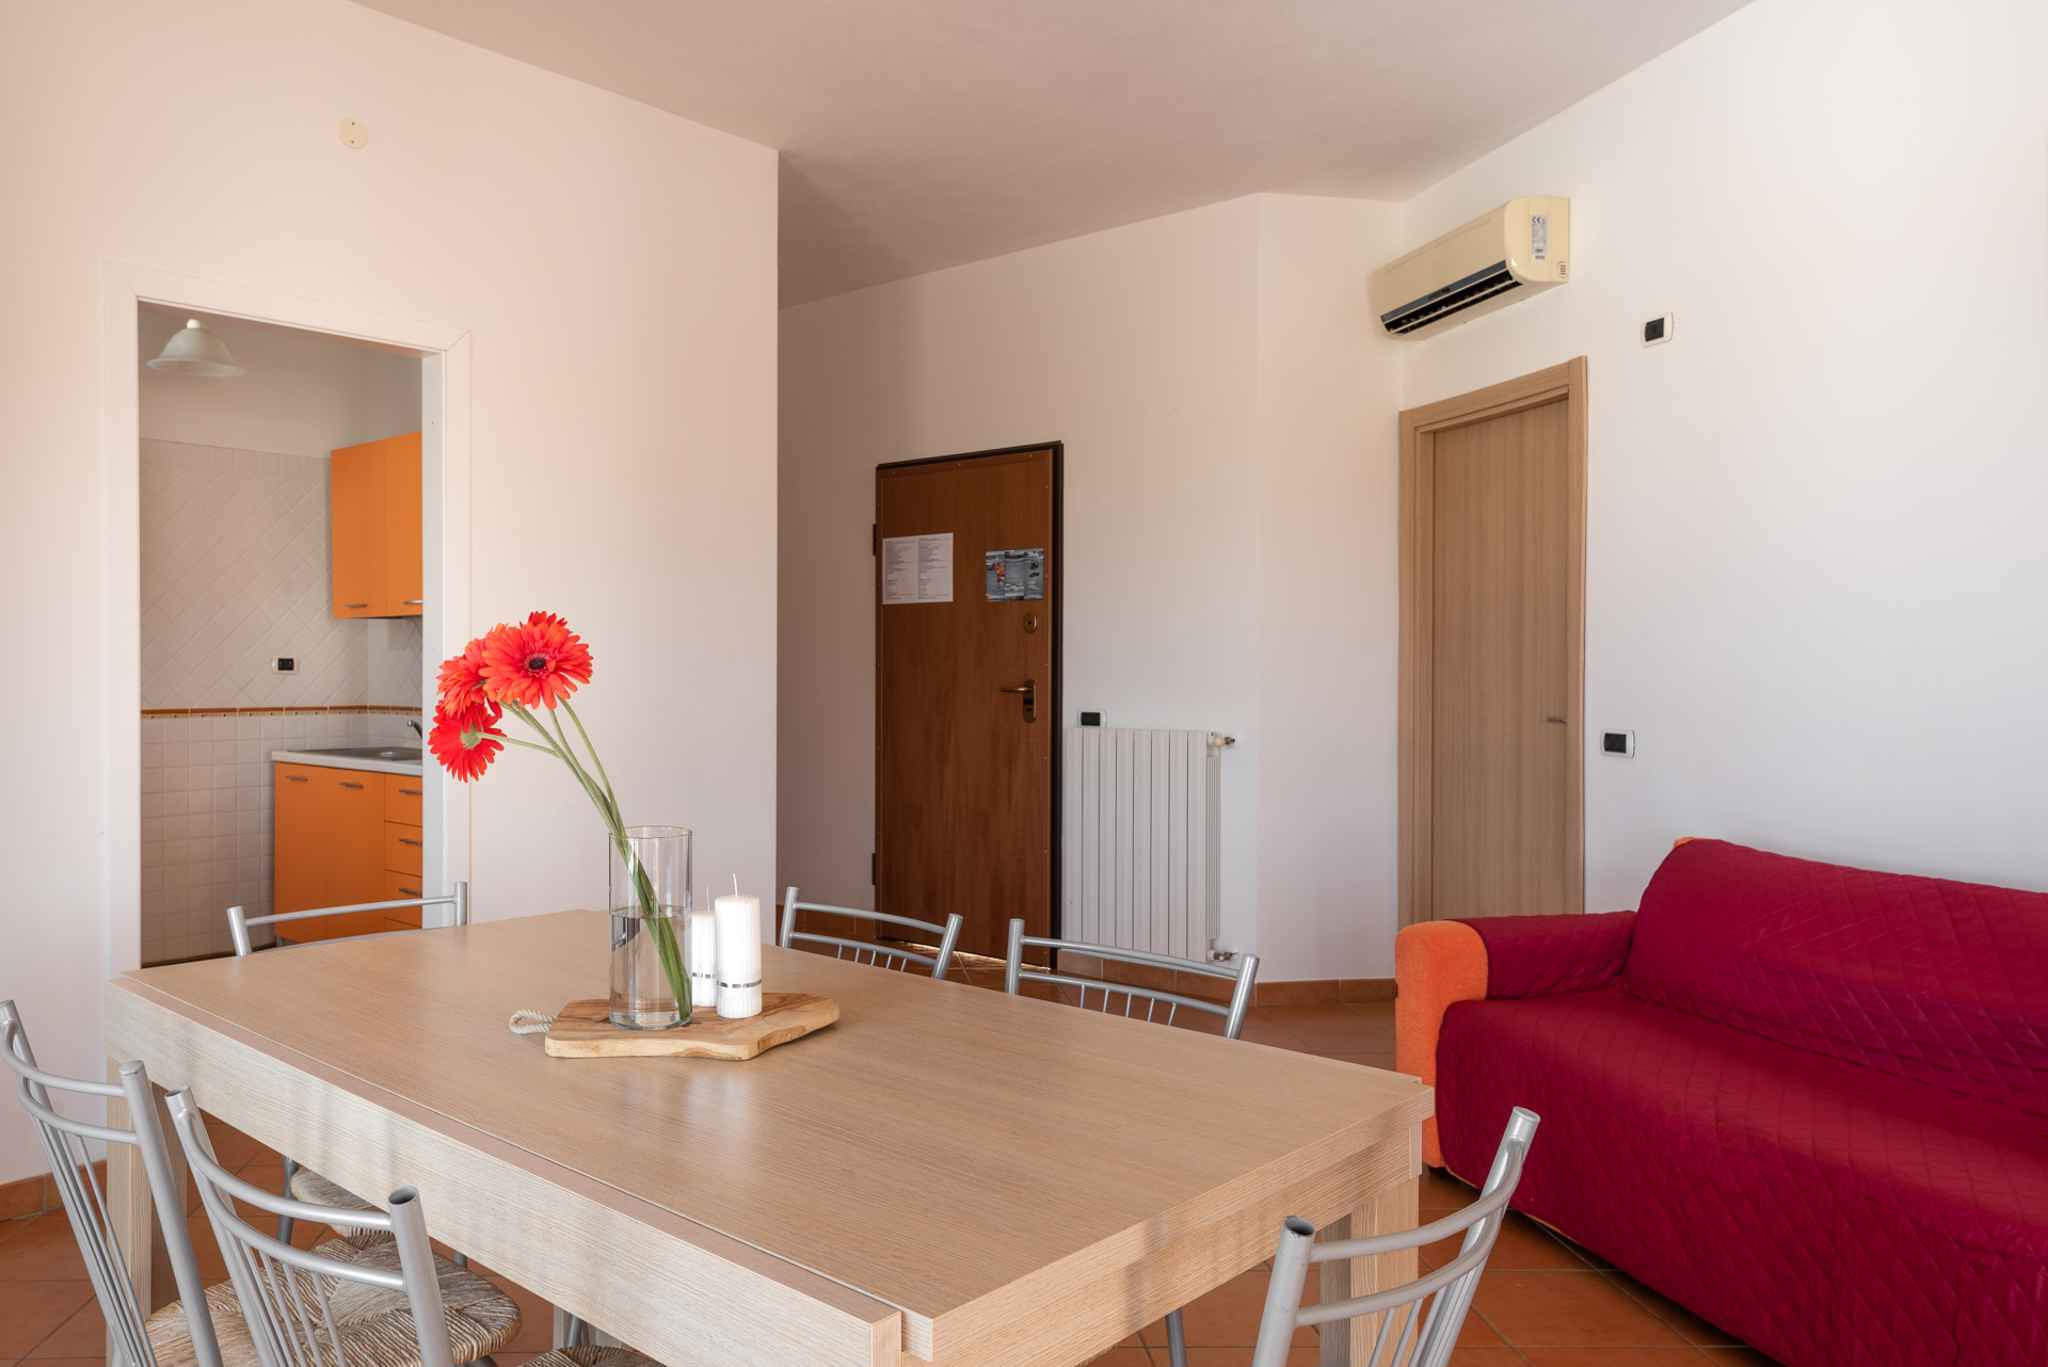 Ferienhaus mit KLimaanlage (2182426), Alghero, Sassari, Sardinien, Italien, Bild 18